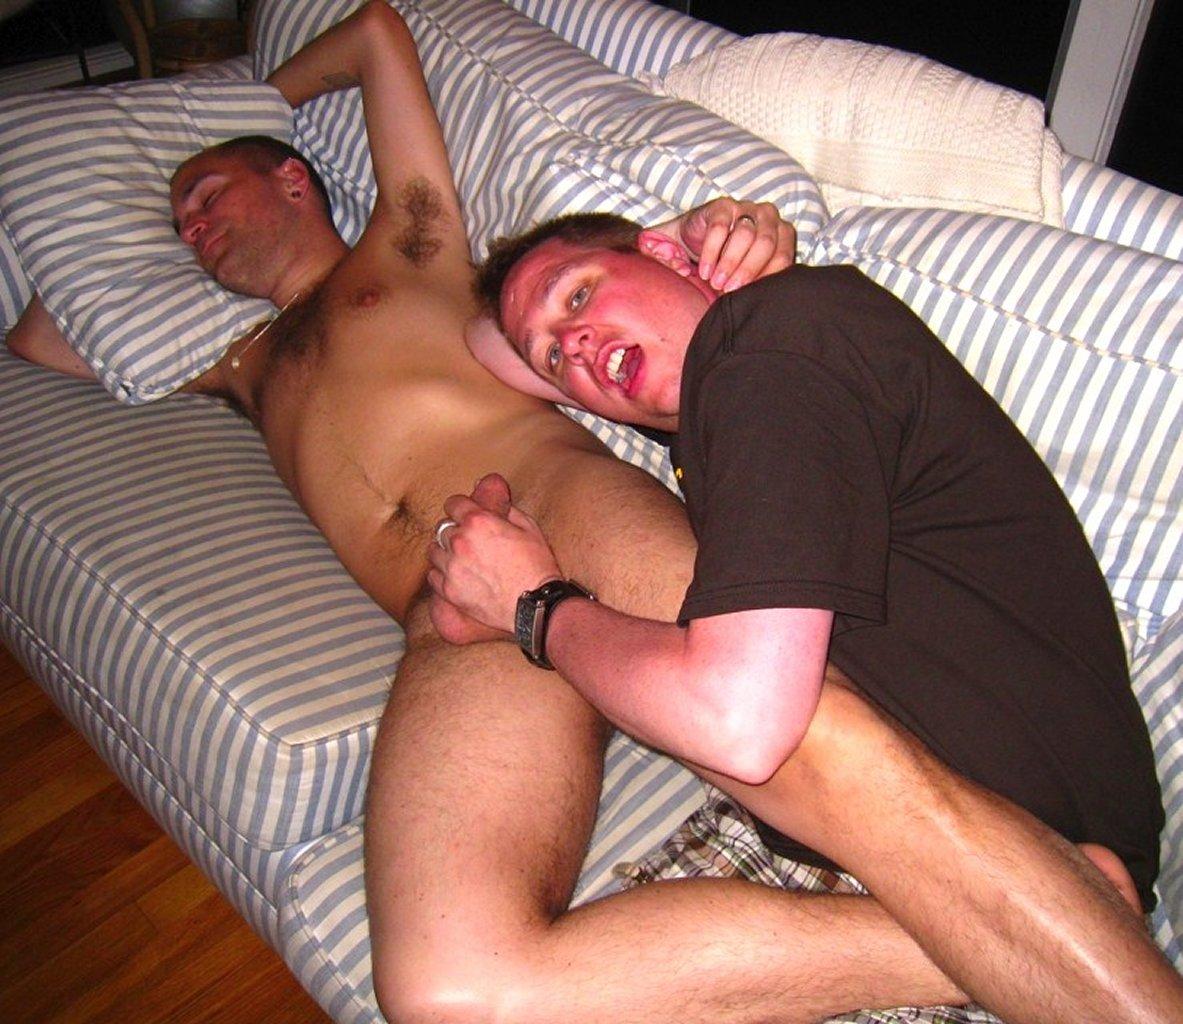 pornstars-drunk-in-sex-boy-photo-striker